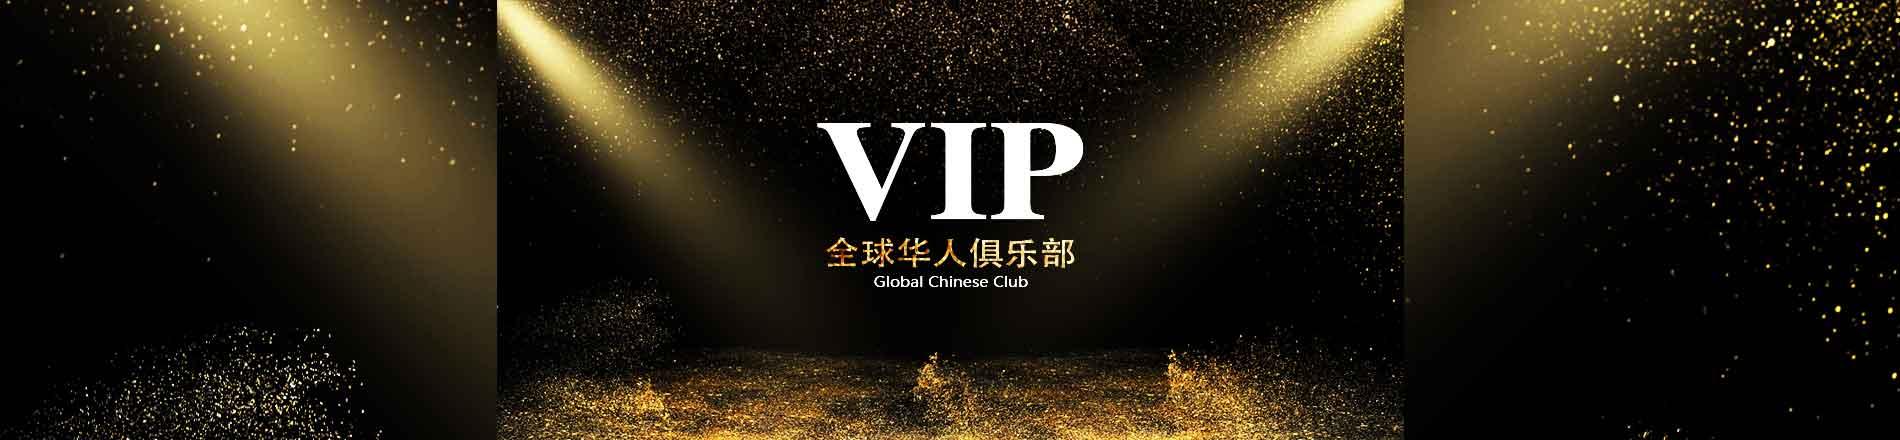 全球华人俱乐部